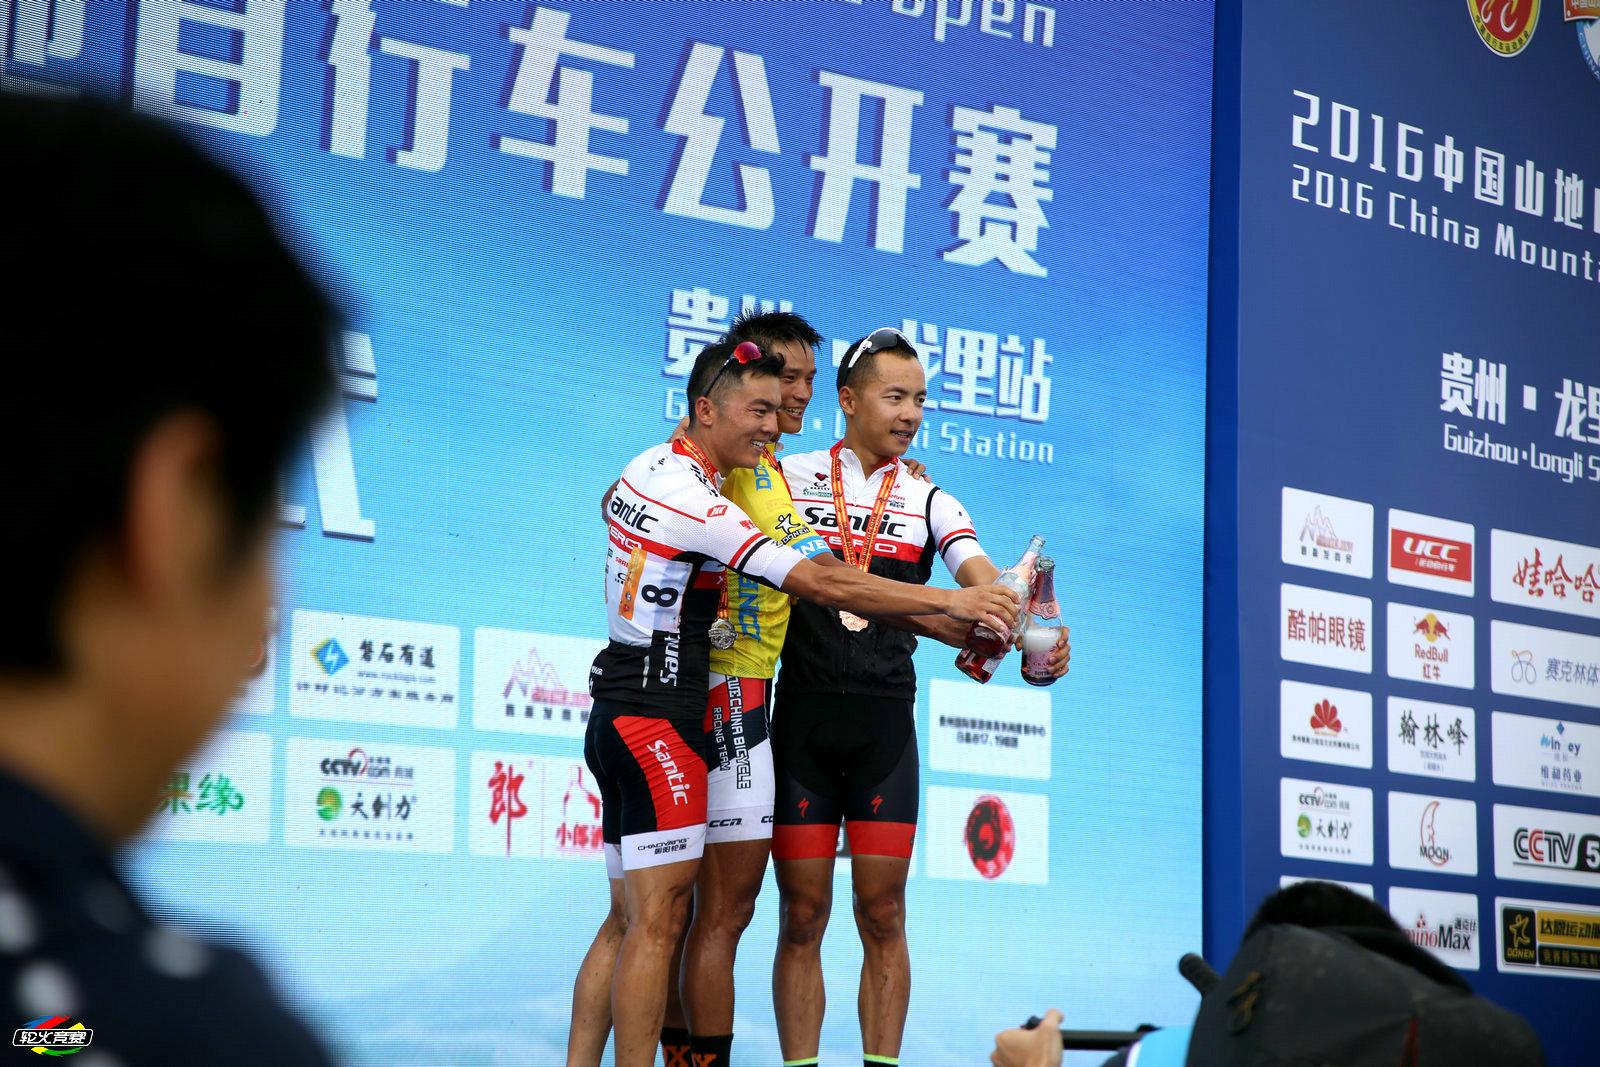 38 2016中国山地自行车公开赛贵州龙里站.JPG